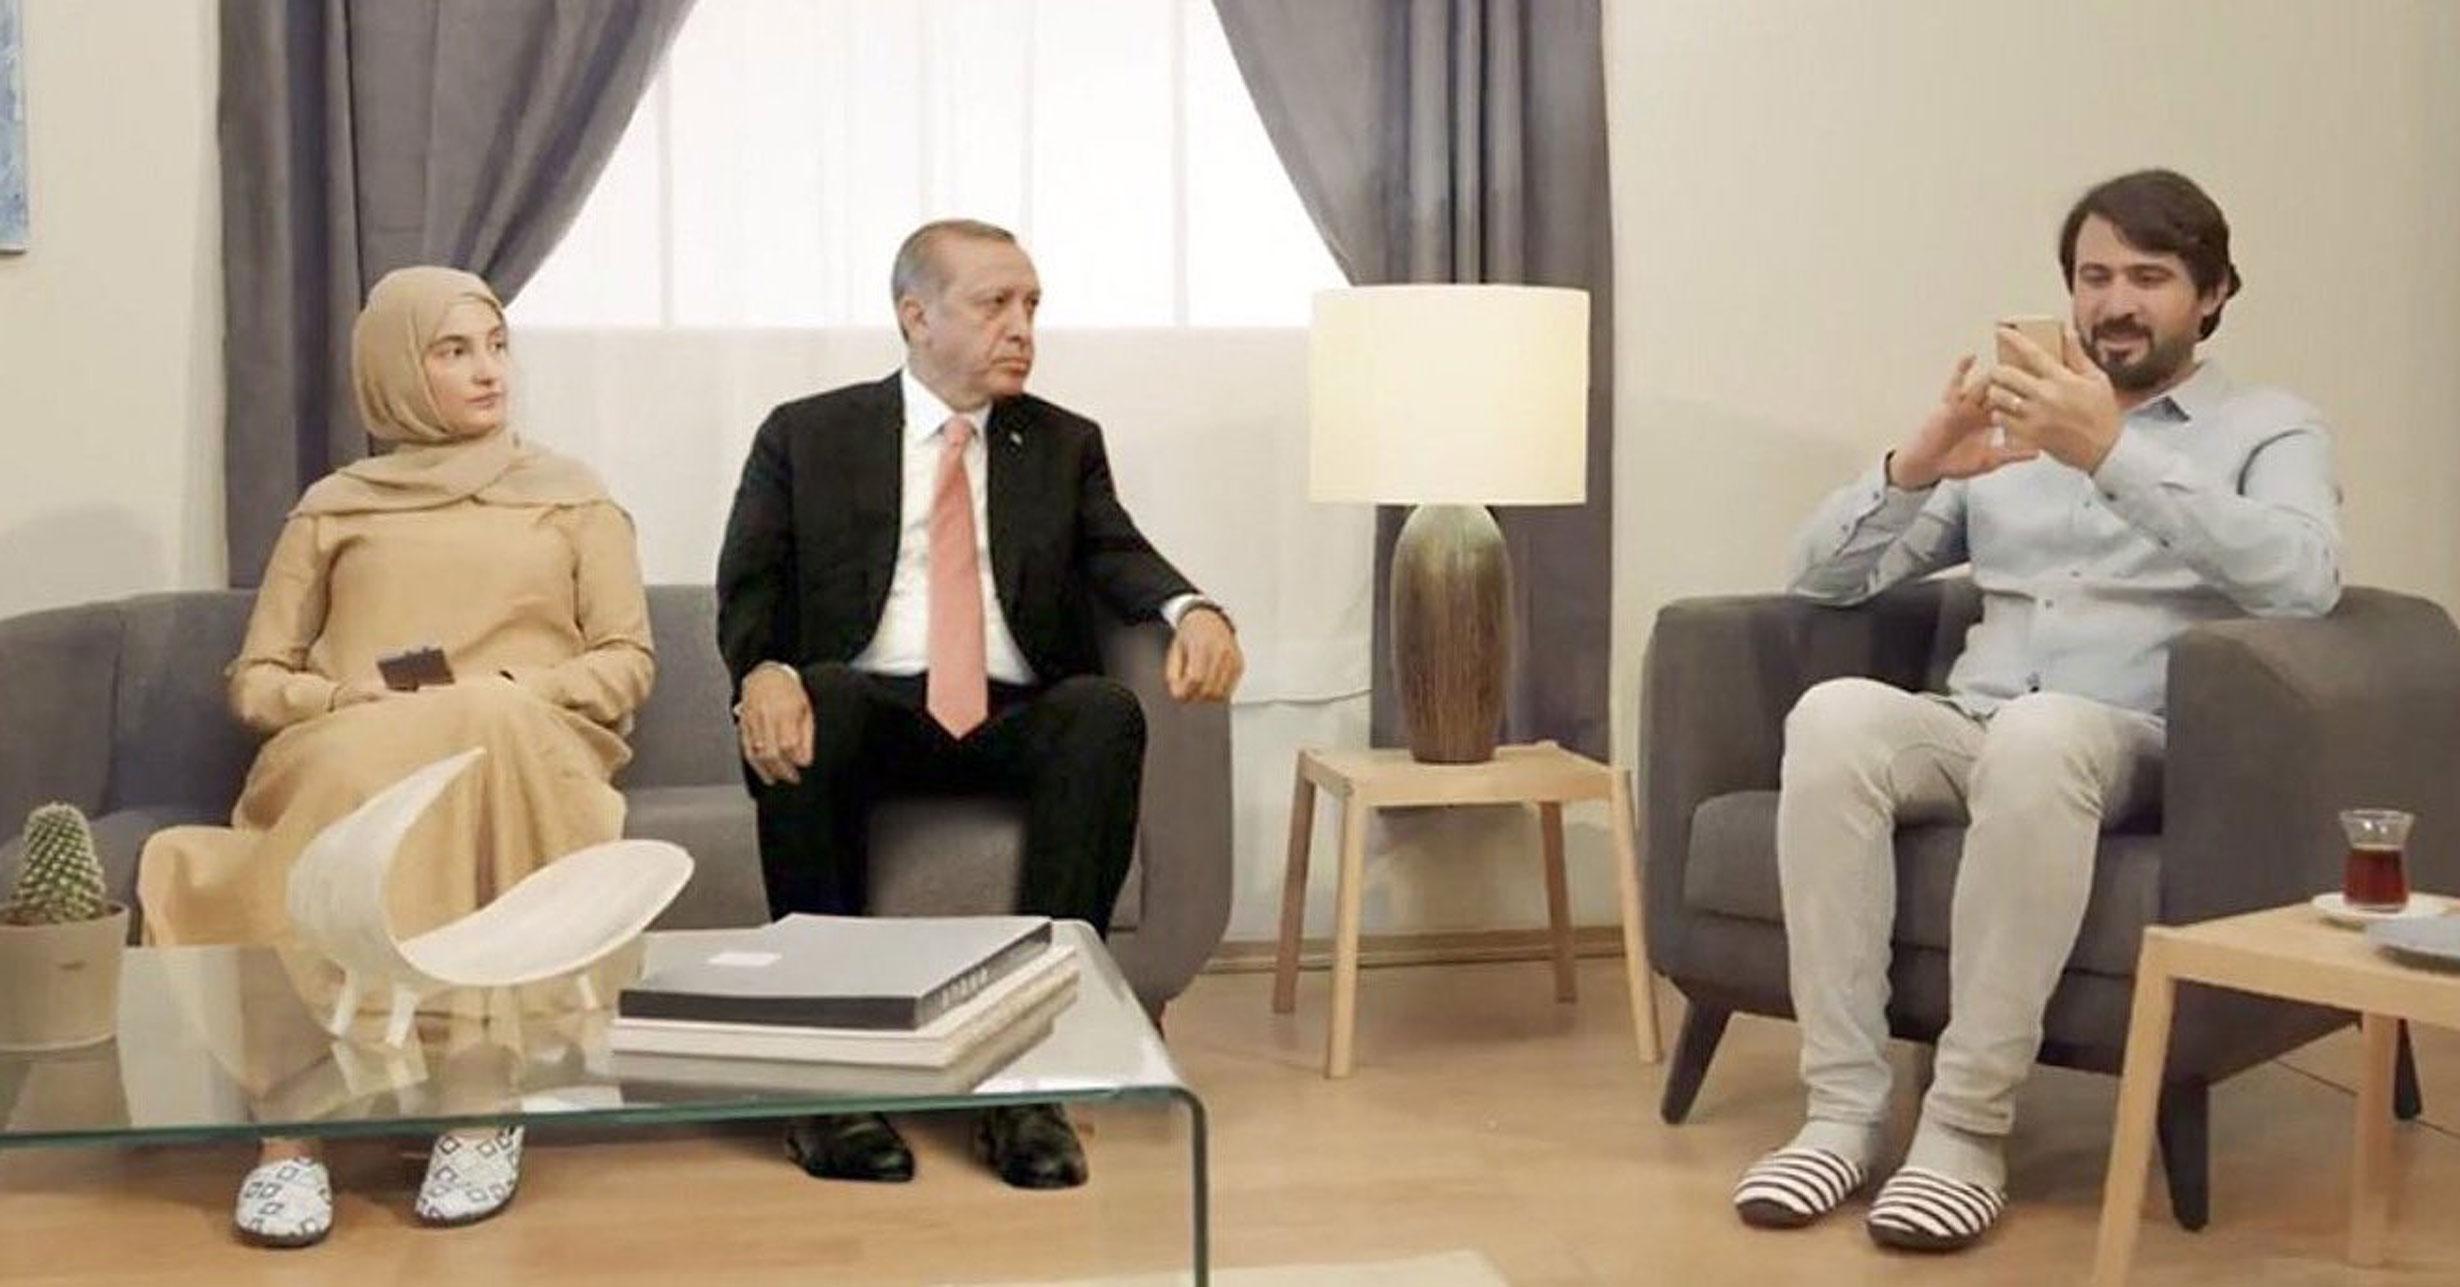 Τουρκία: Σάλος με video για… σωστή οικογενειακή συμπεριφορά